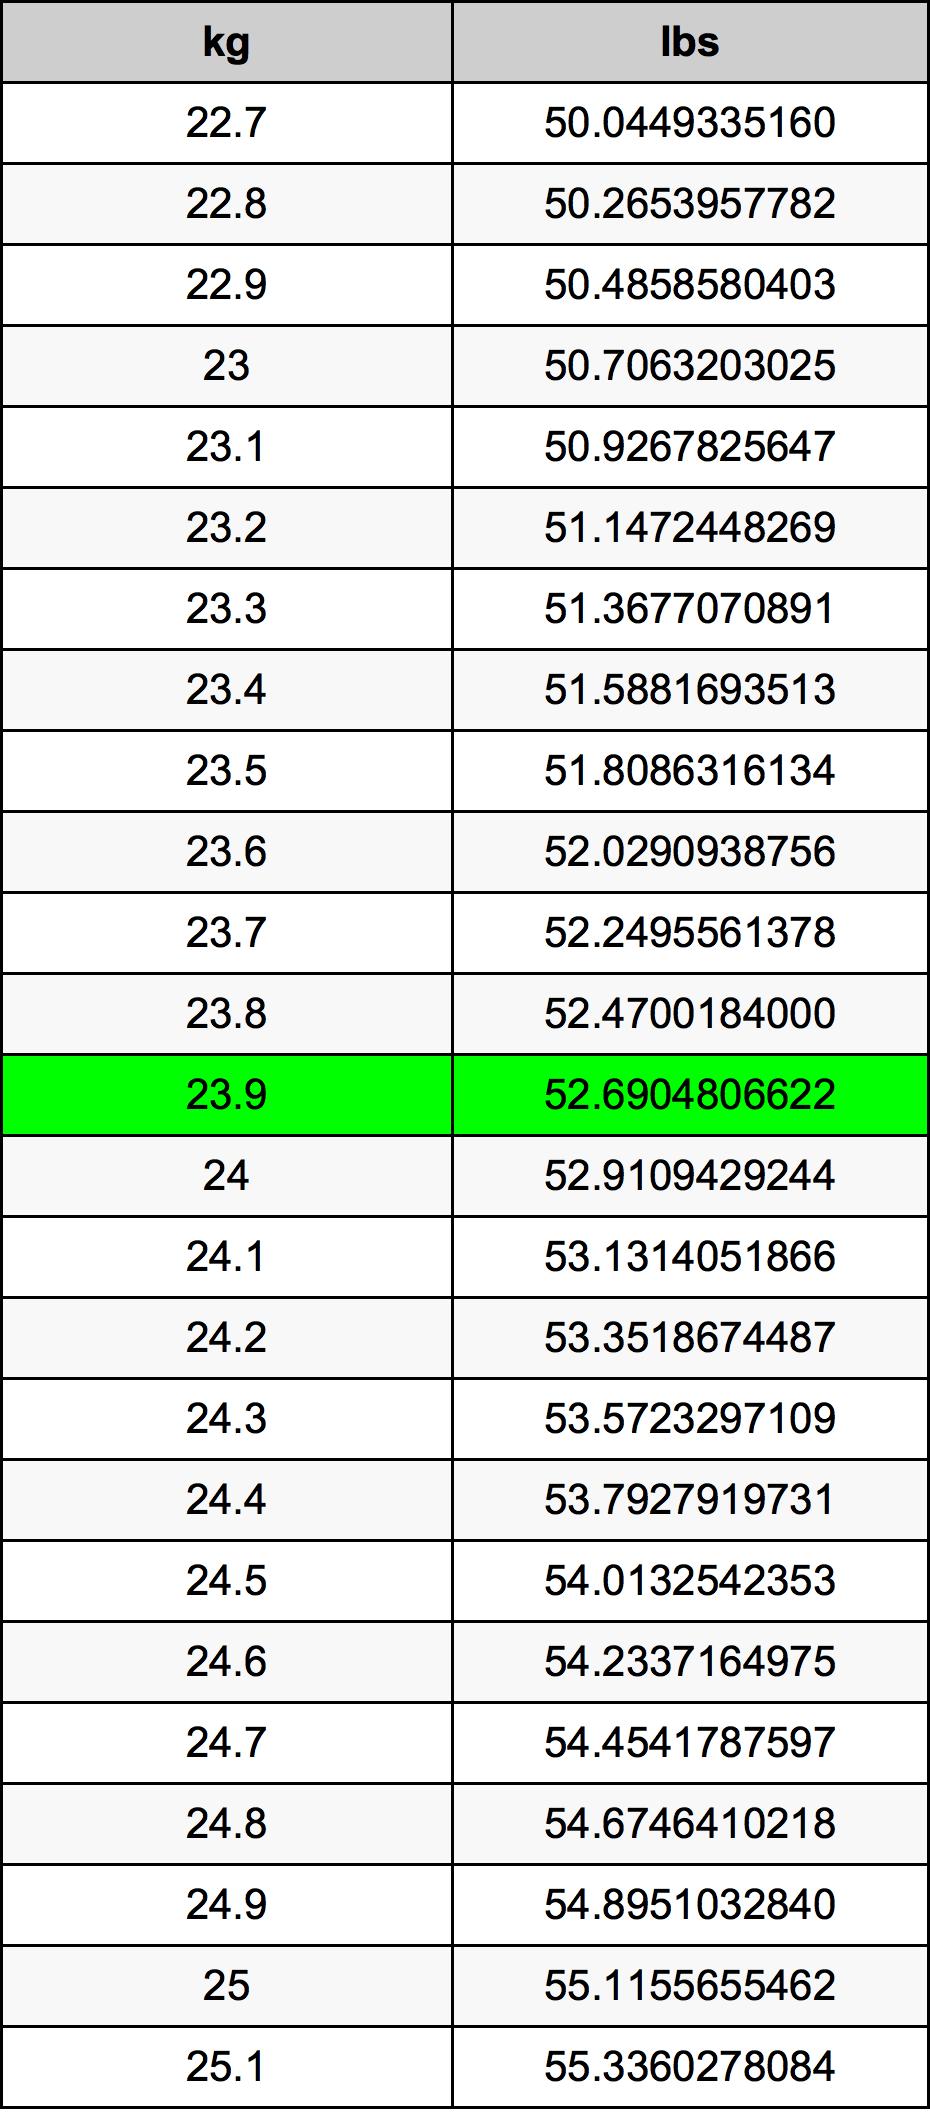 23.9 Kilogramo Tabla de conversión